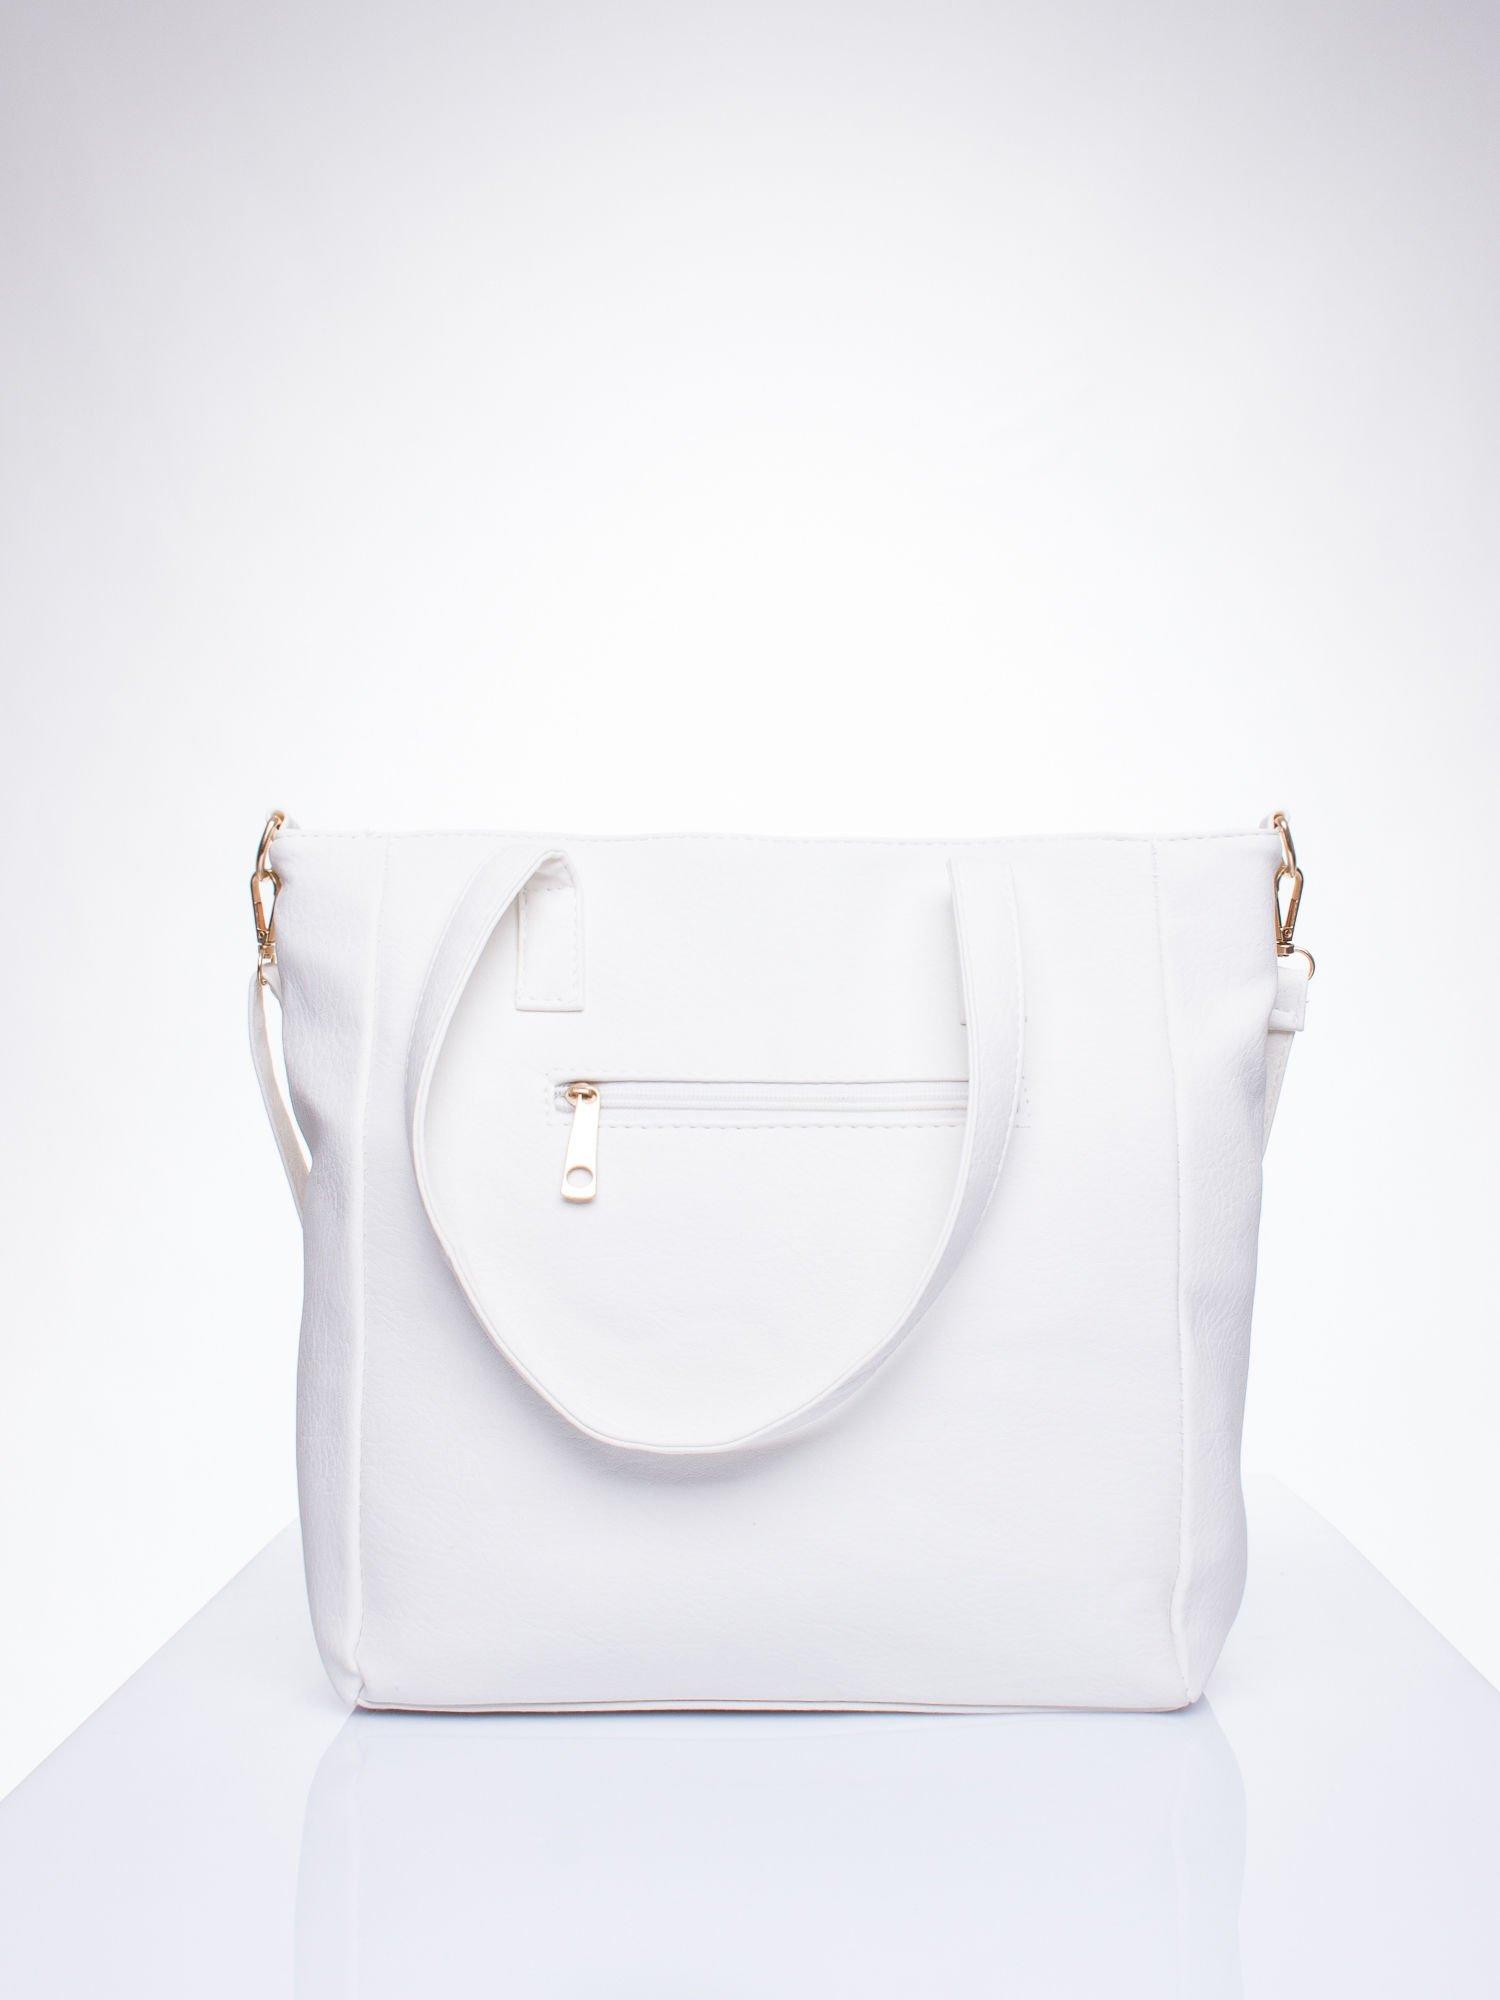 Biała torba shopper bag ze kieszeniami na klapki                                  zdj.                                  3